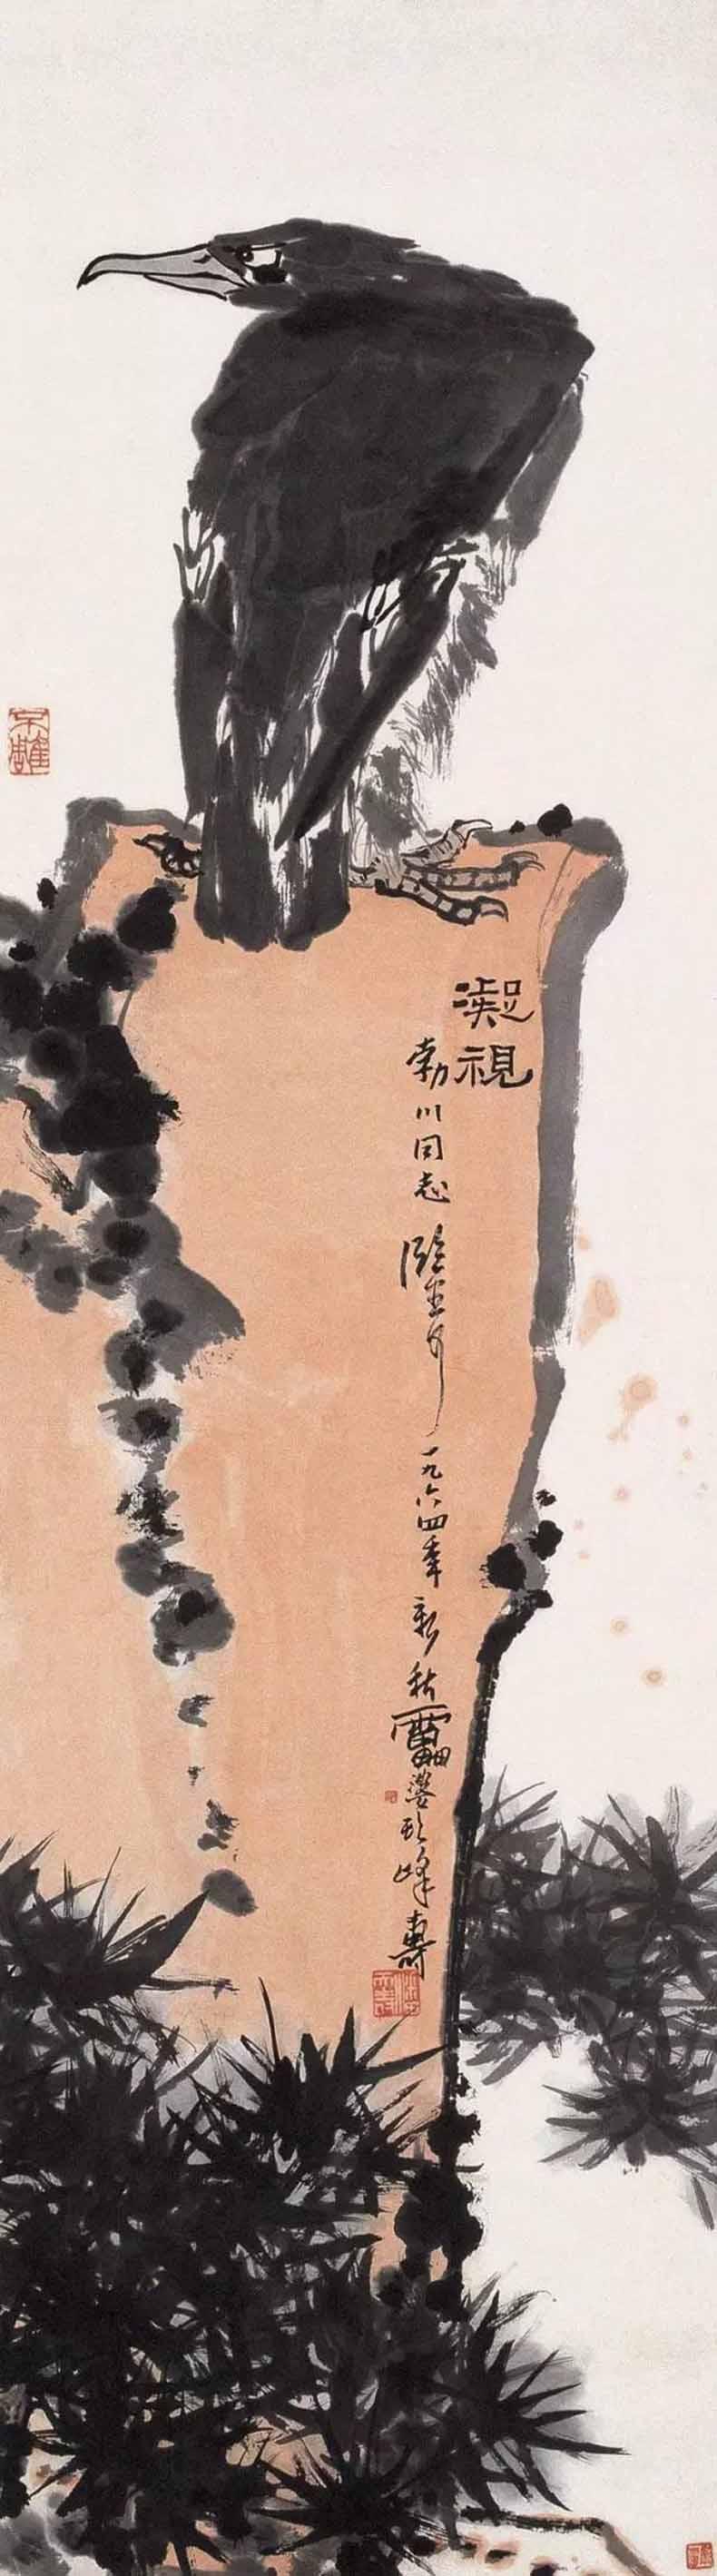 潘天寿 凝视 1964年作